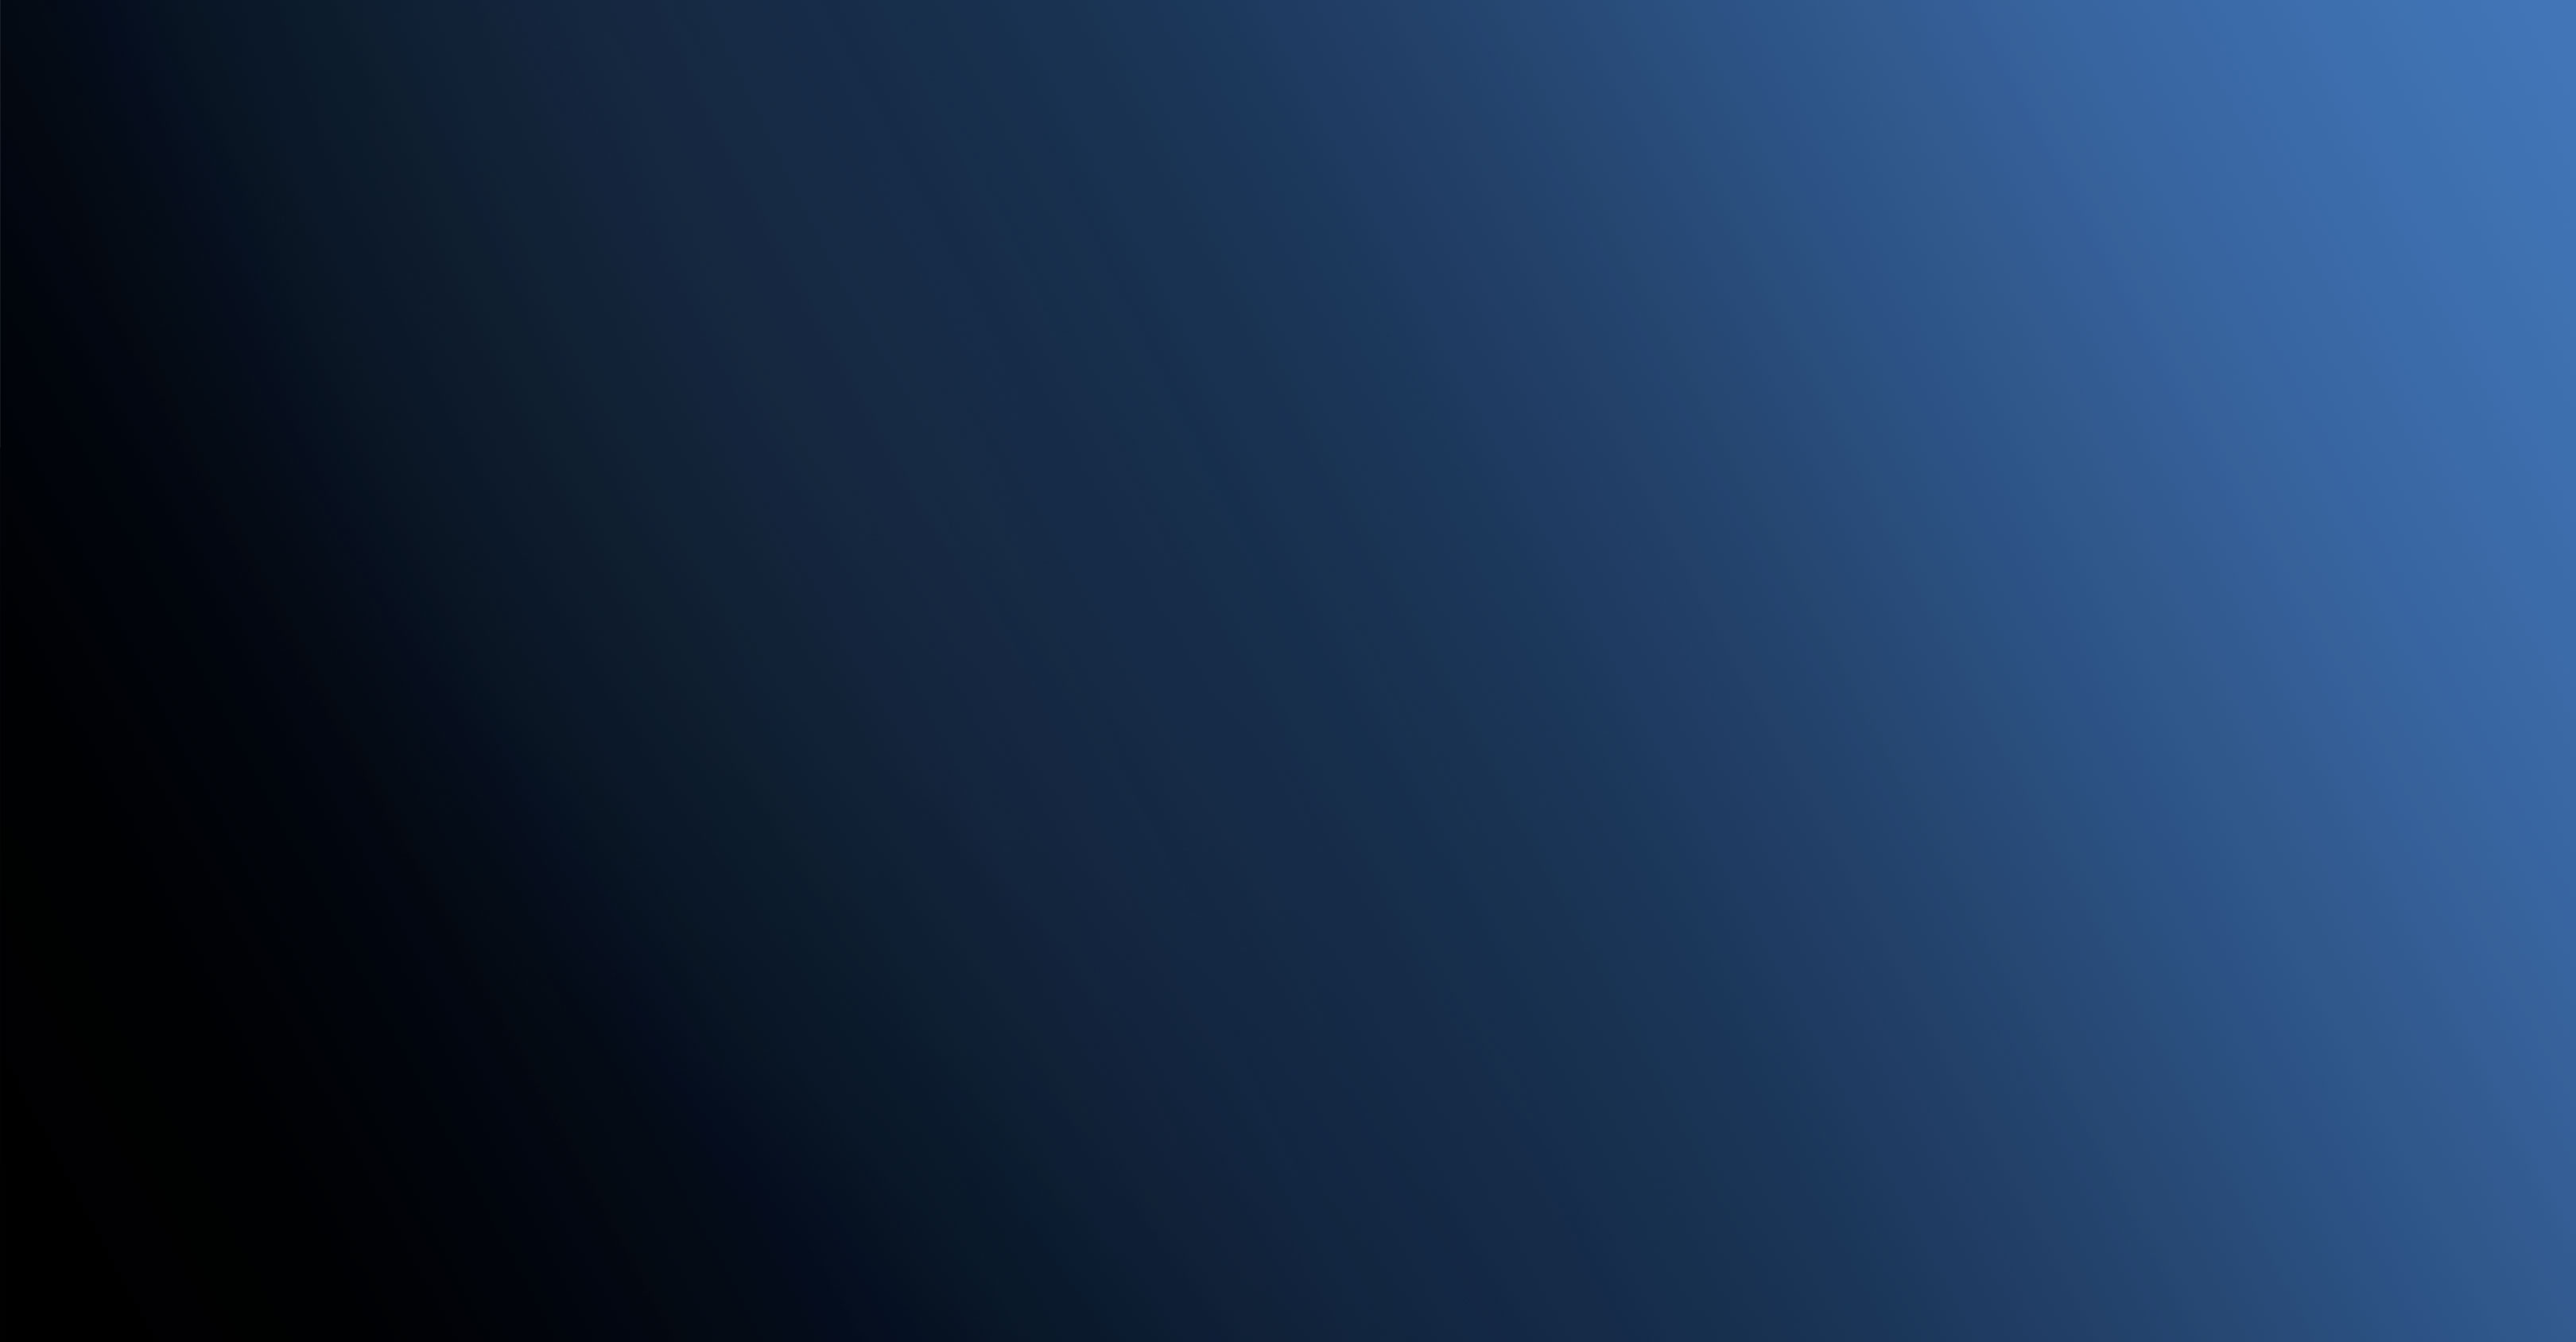 Zwart naar blauwe gradient